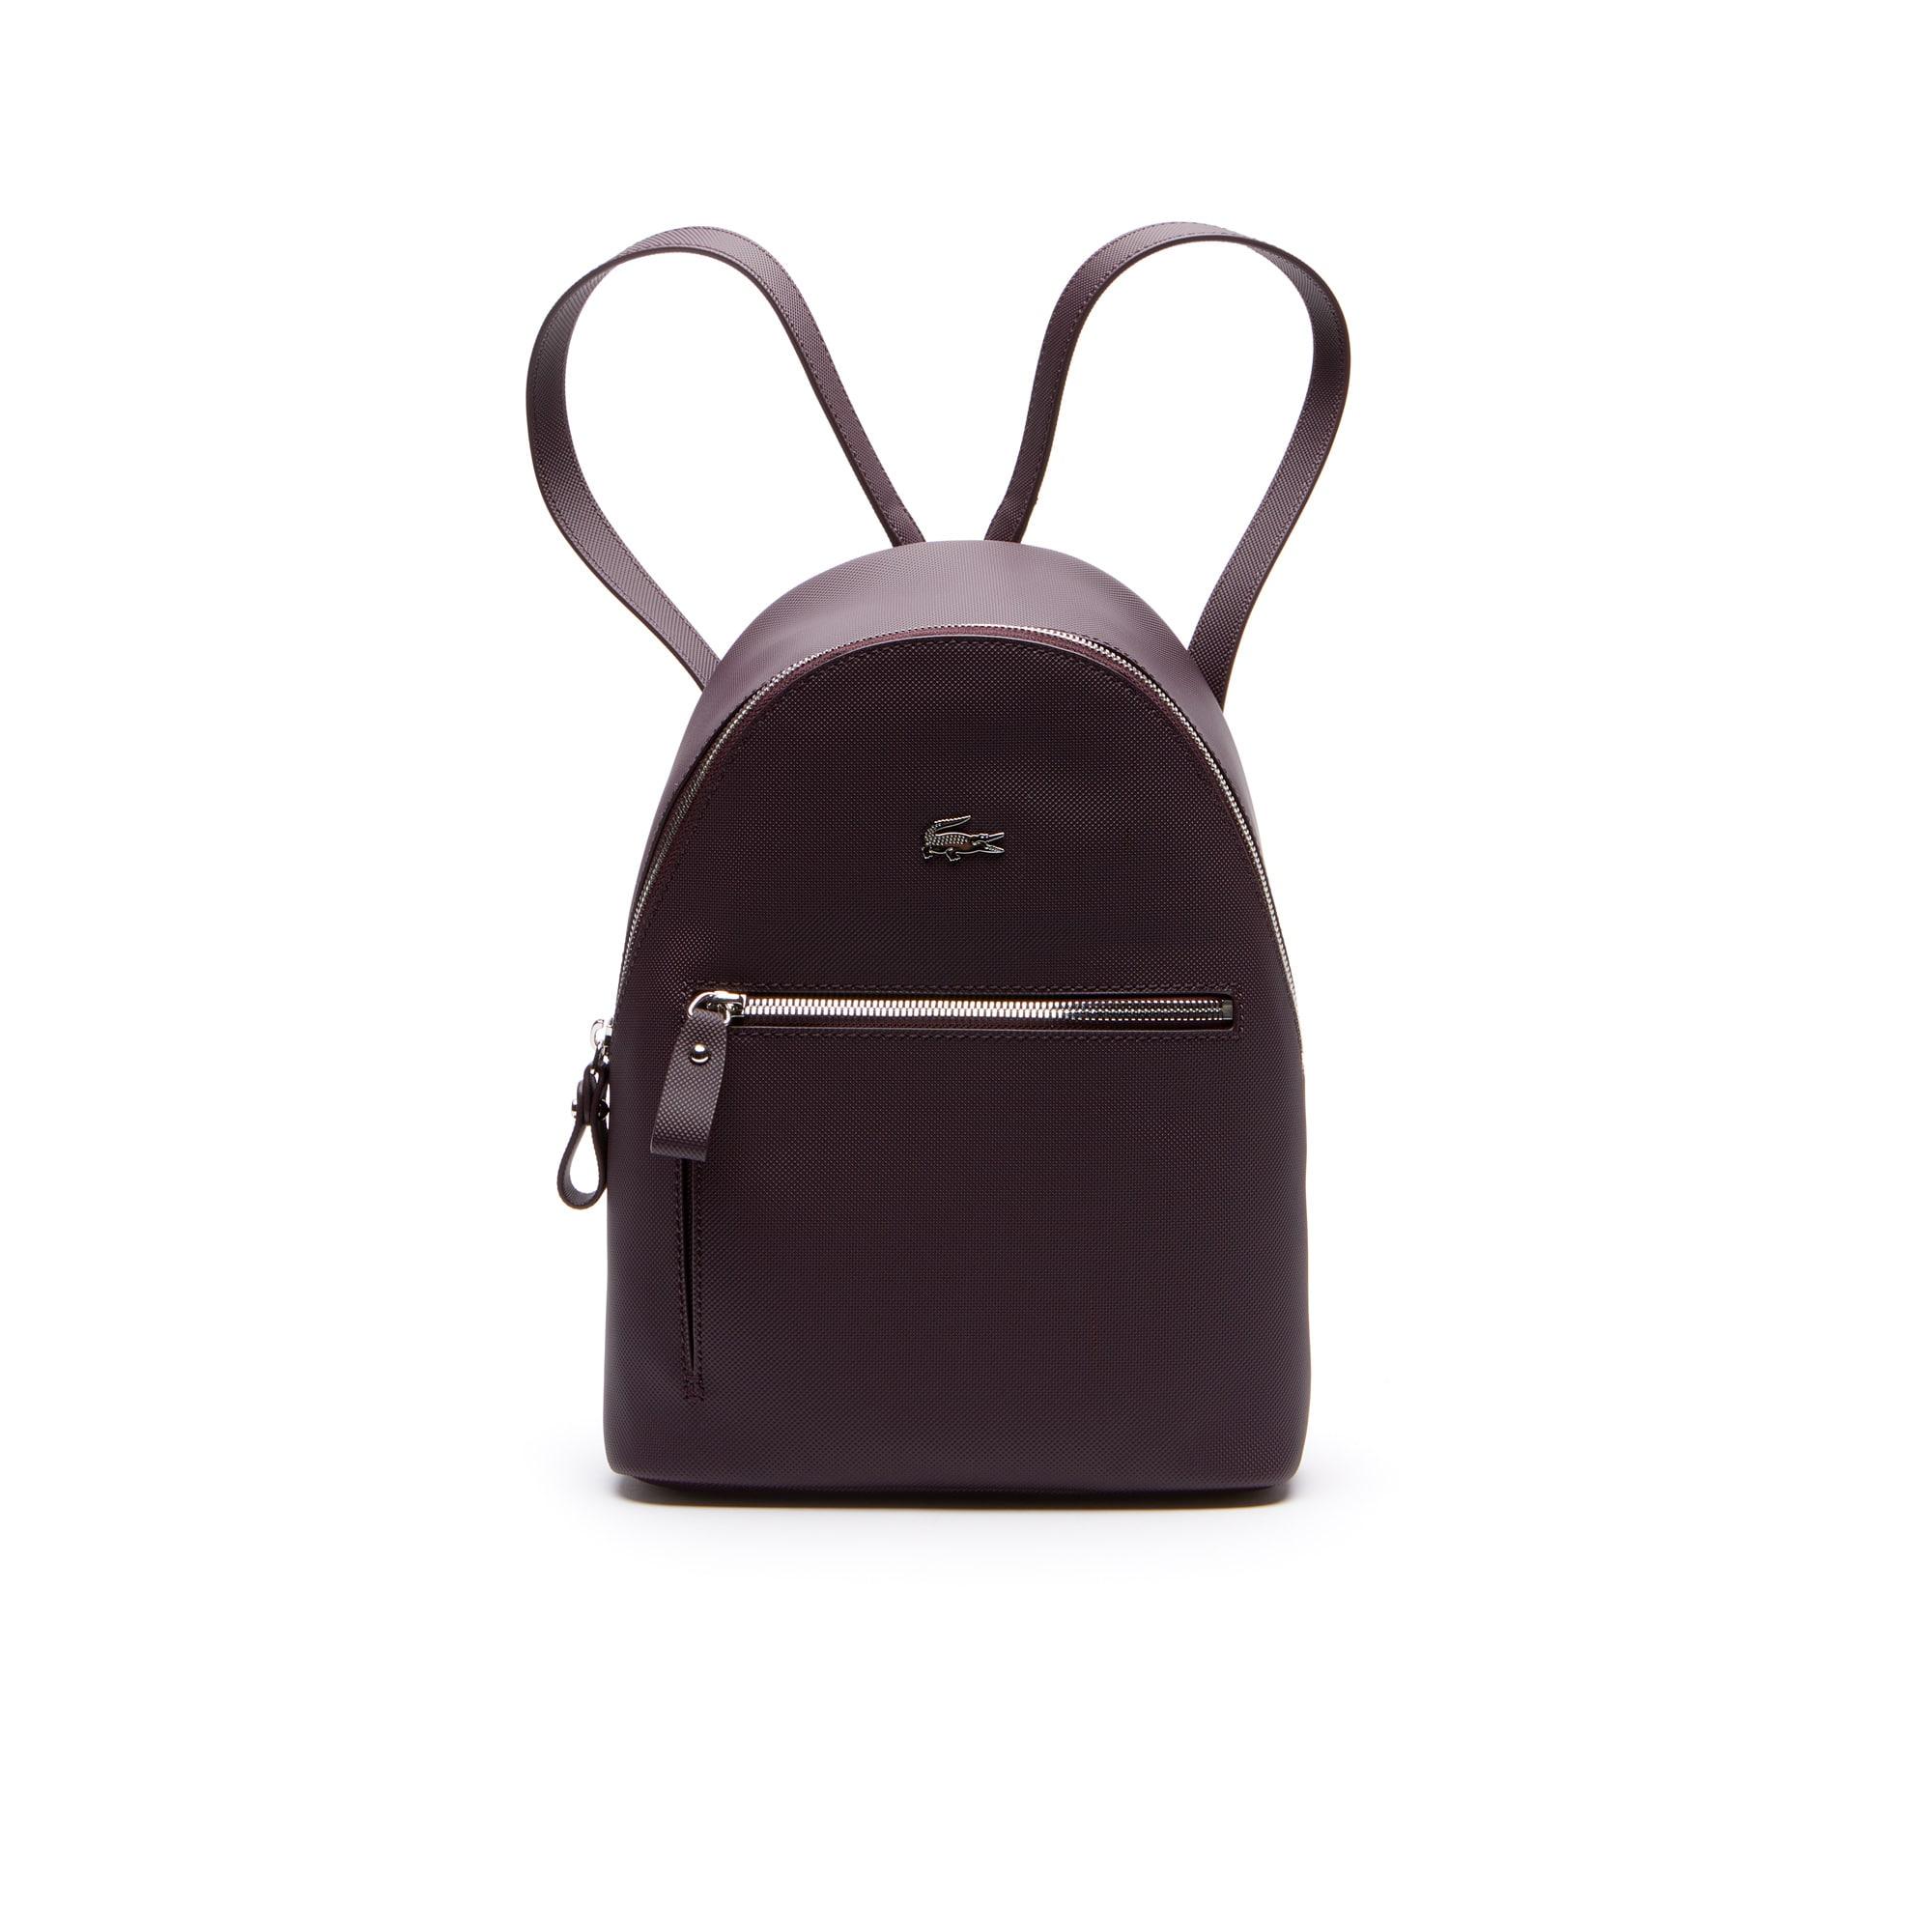 b53c42a14b919 حقيبة ظهر مُصنَّعة من قماش الكنفا بأسلوب بيكيه من مجموعة Daily Classic  للسيدات